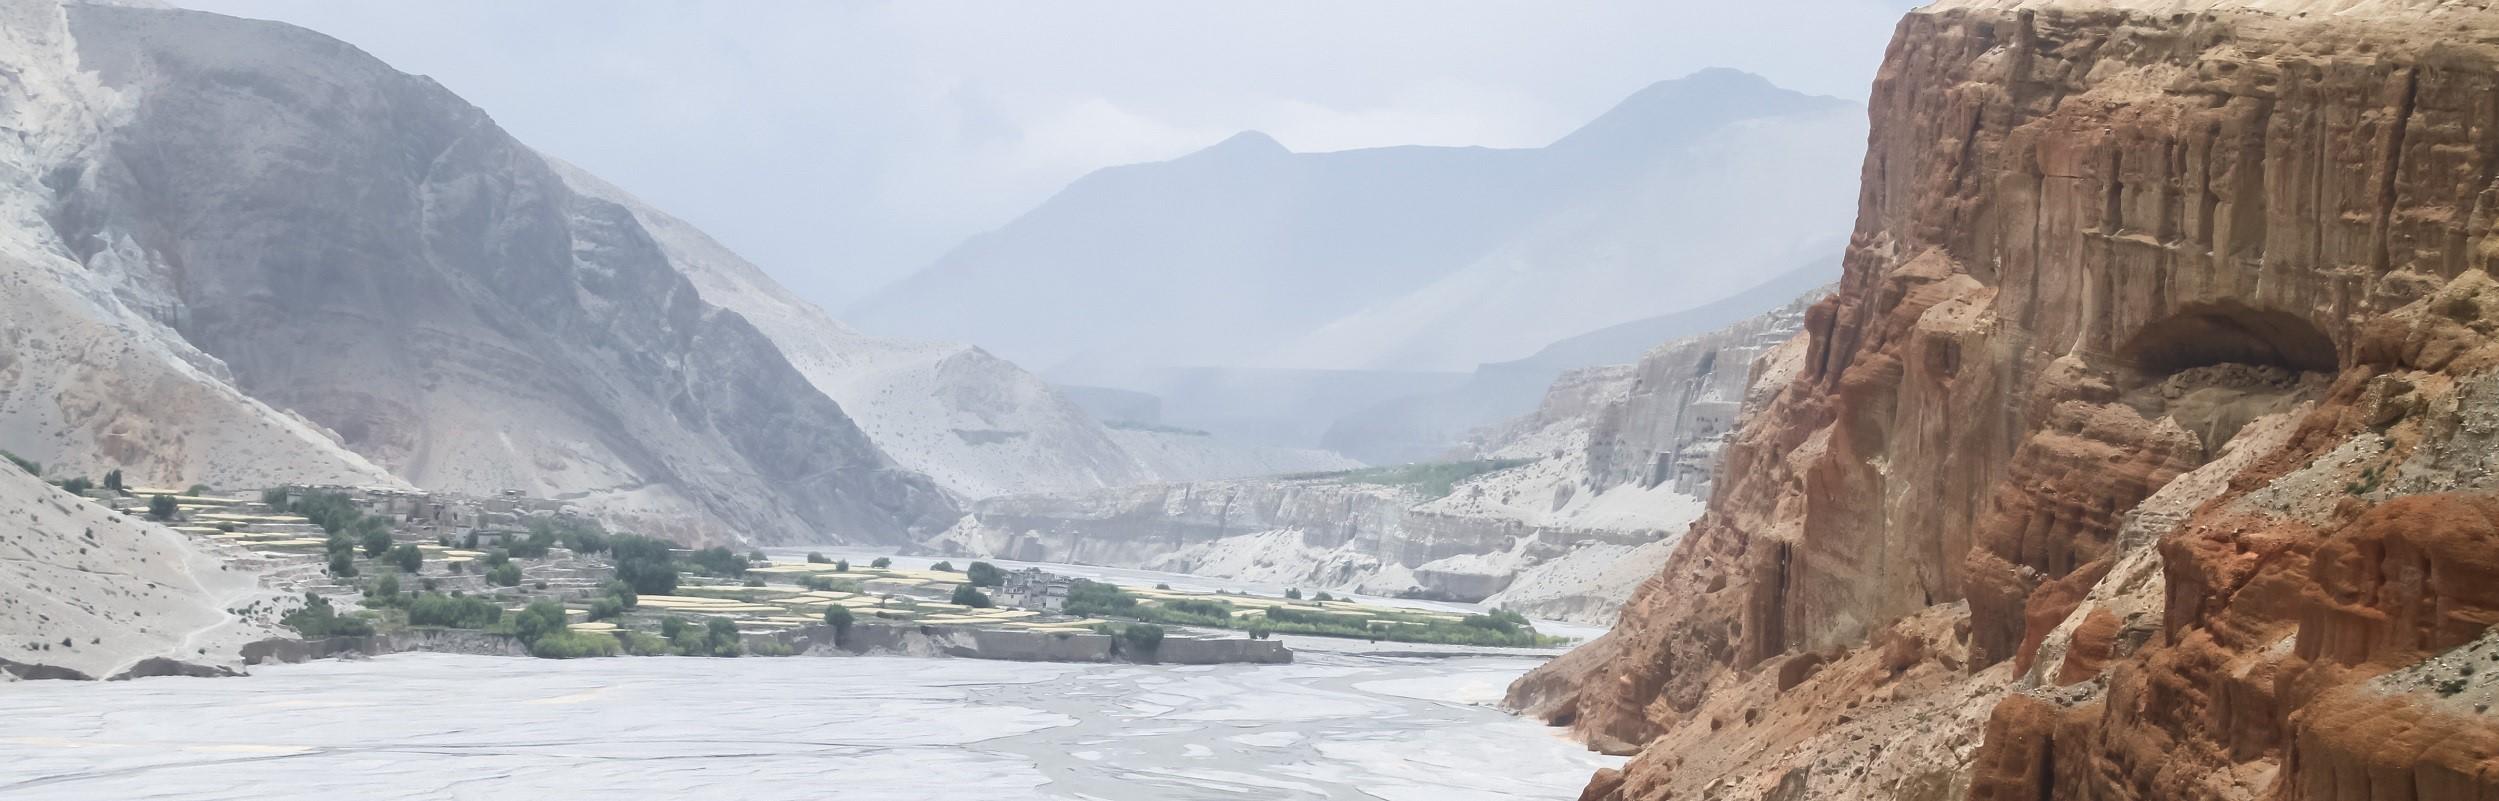 Nepal - Mustang trekking - Kagbeni